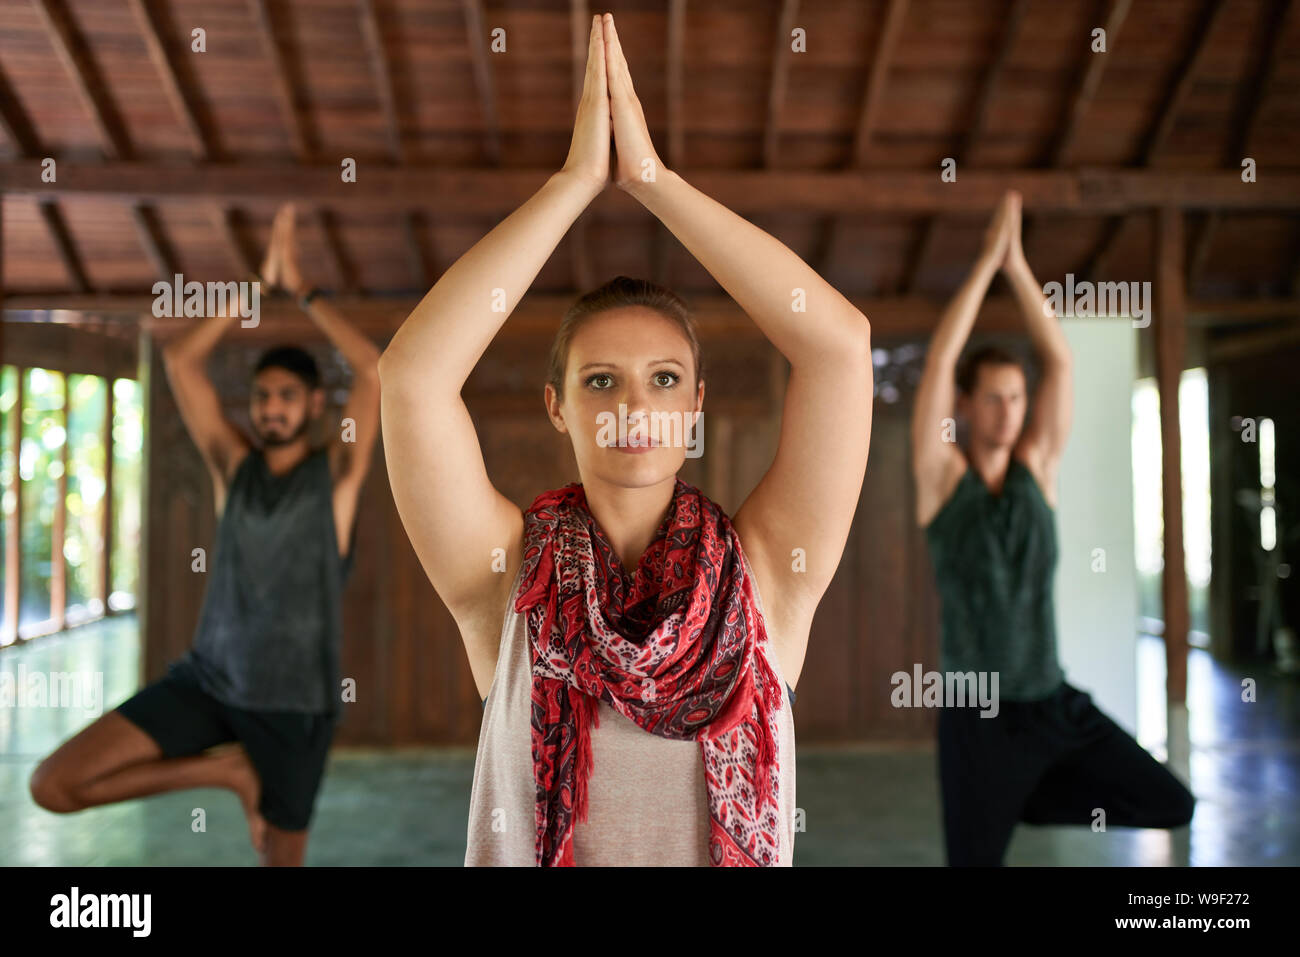 Hermosa hembra profesor dando clase de yoga a dos hombres de raza mixta en las esteras del yoga en templo tradicional en Bali Indonesia Foto de stock